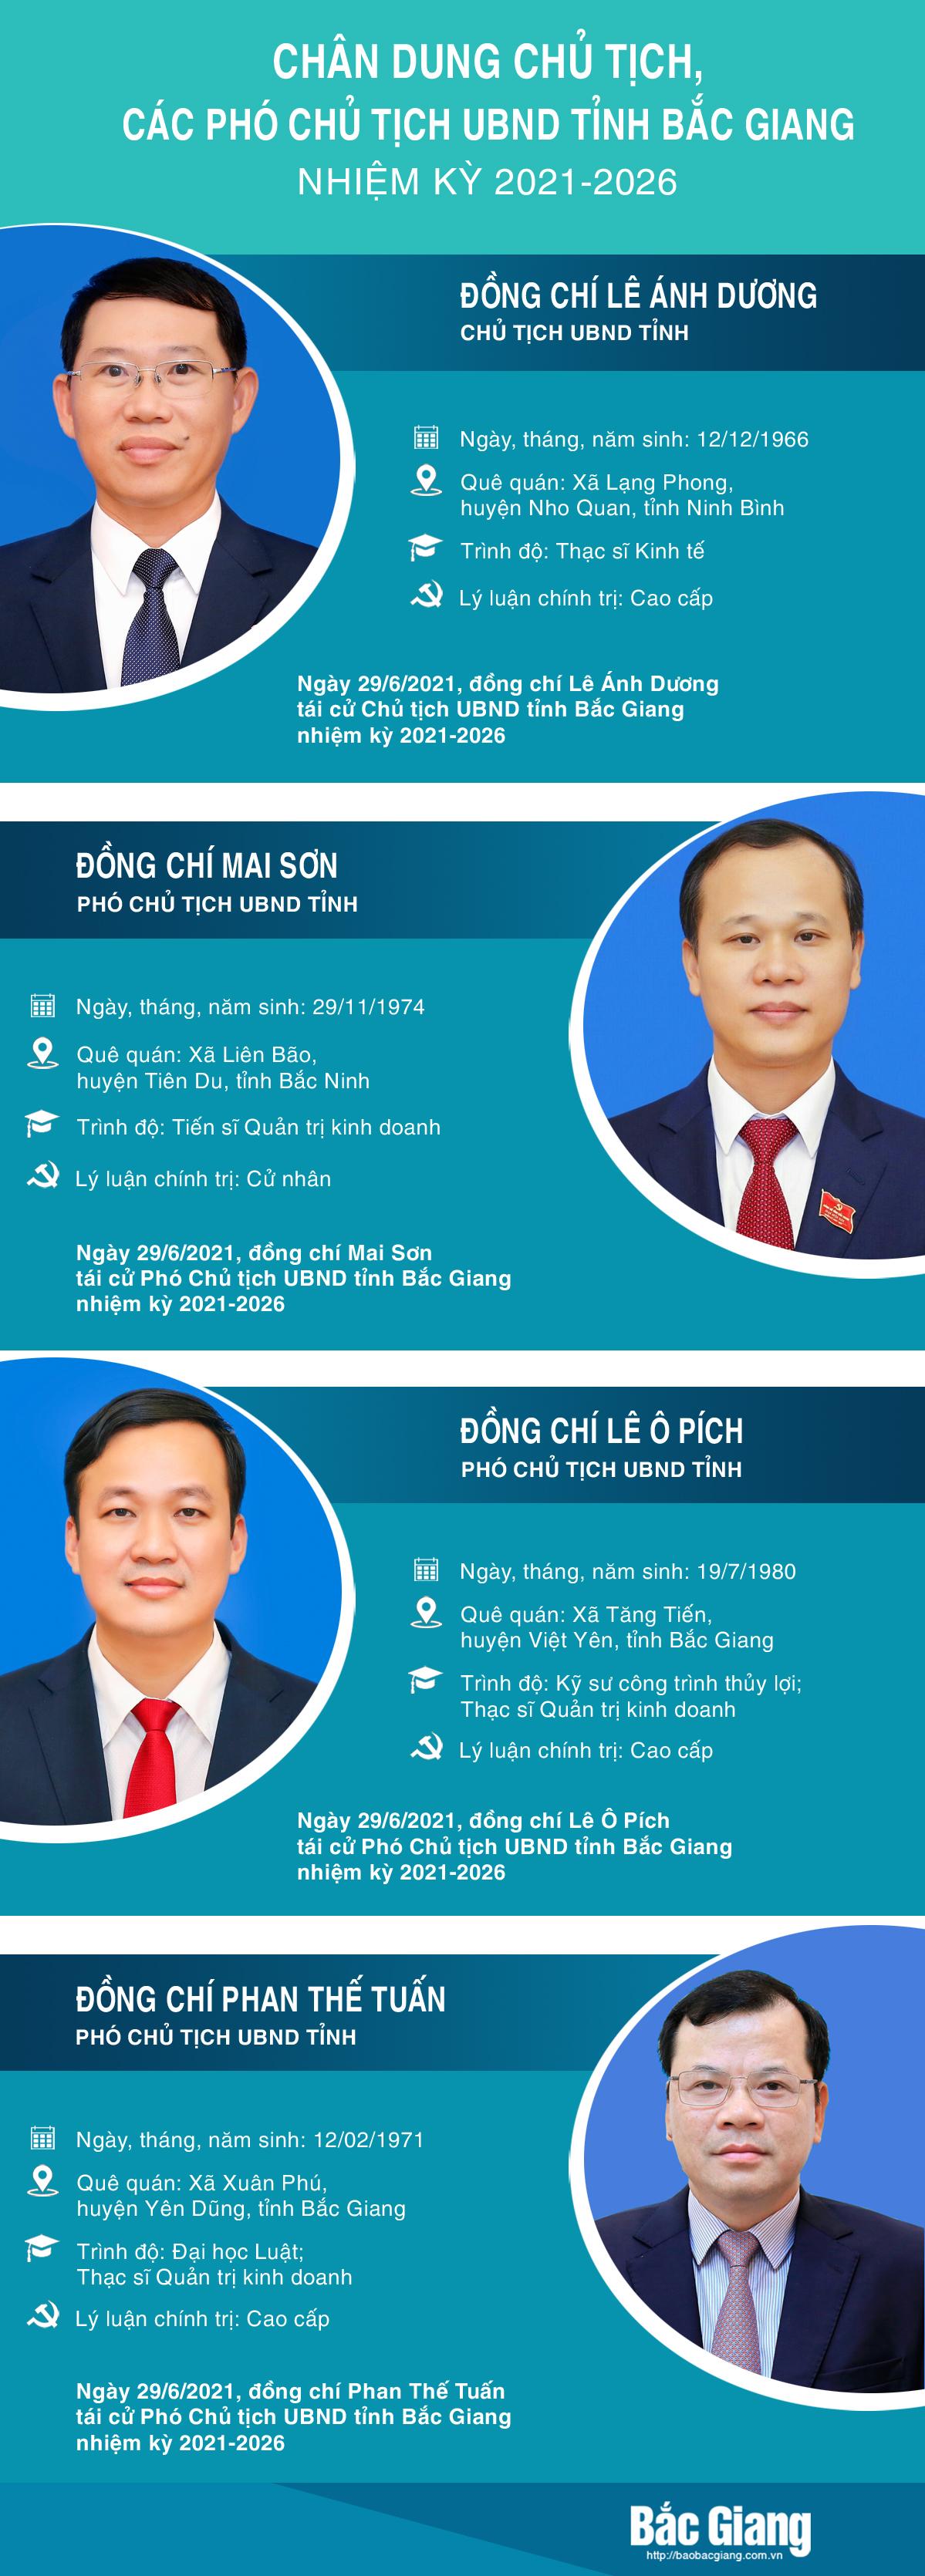 Chủ tịch, Phó Chủ tịch, Trưởng ban, UBND tỉnh Bắc Giang, UBND tỉnh